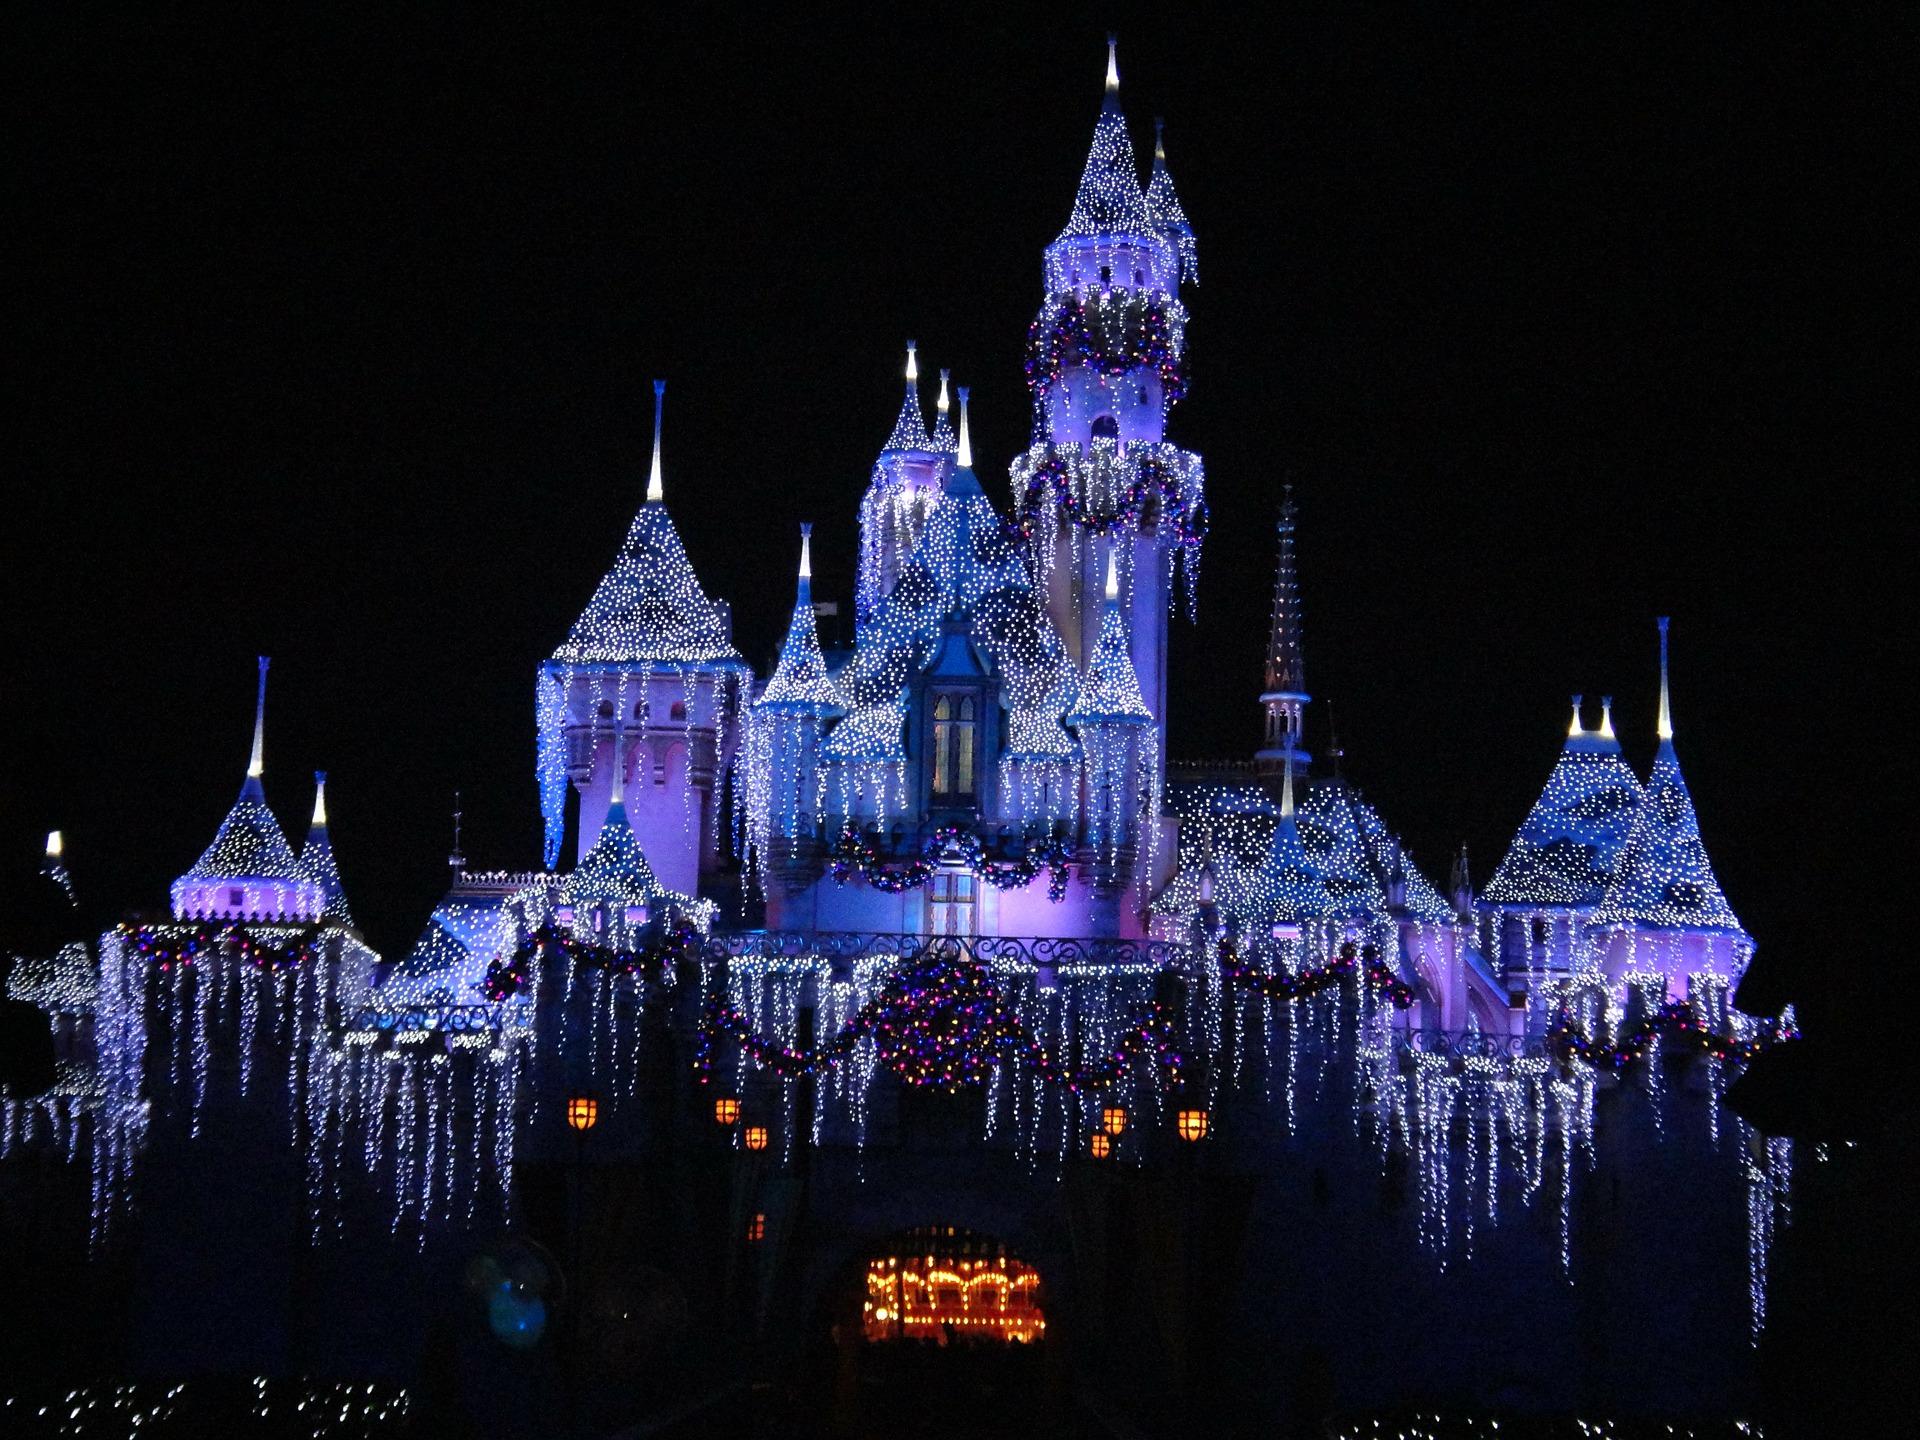 Disneyland Pixabay Public Domain